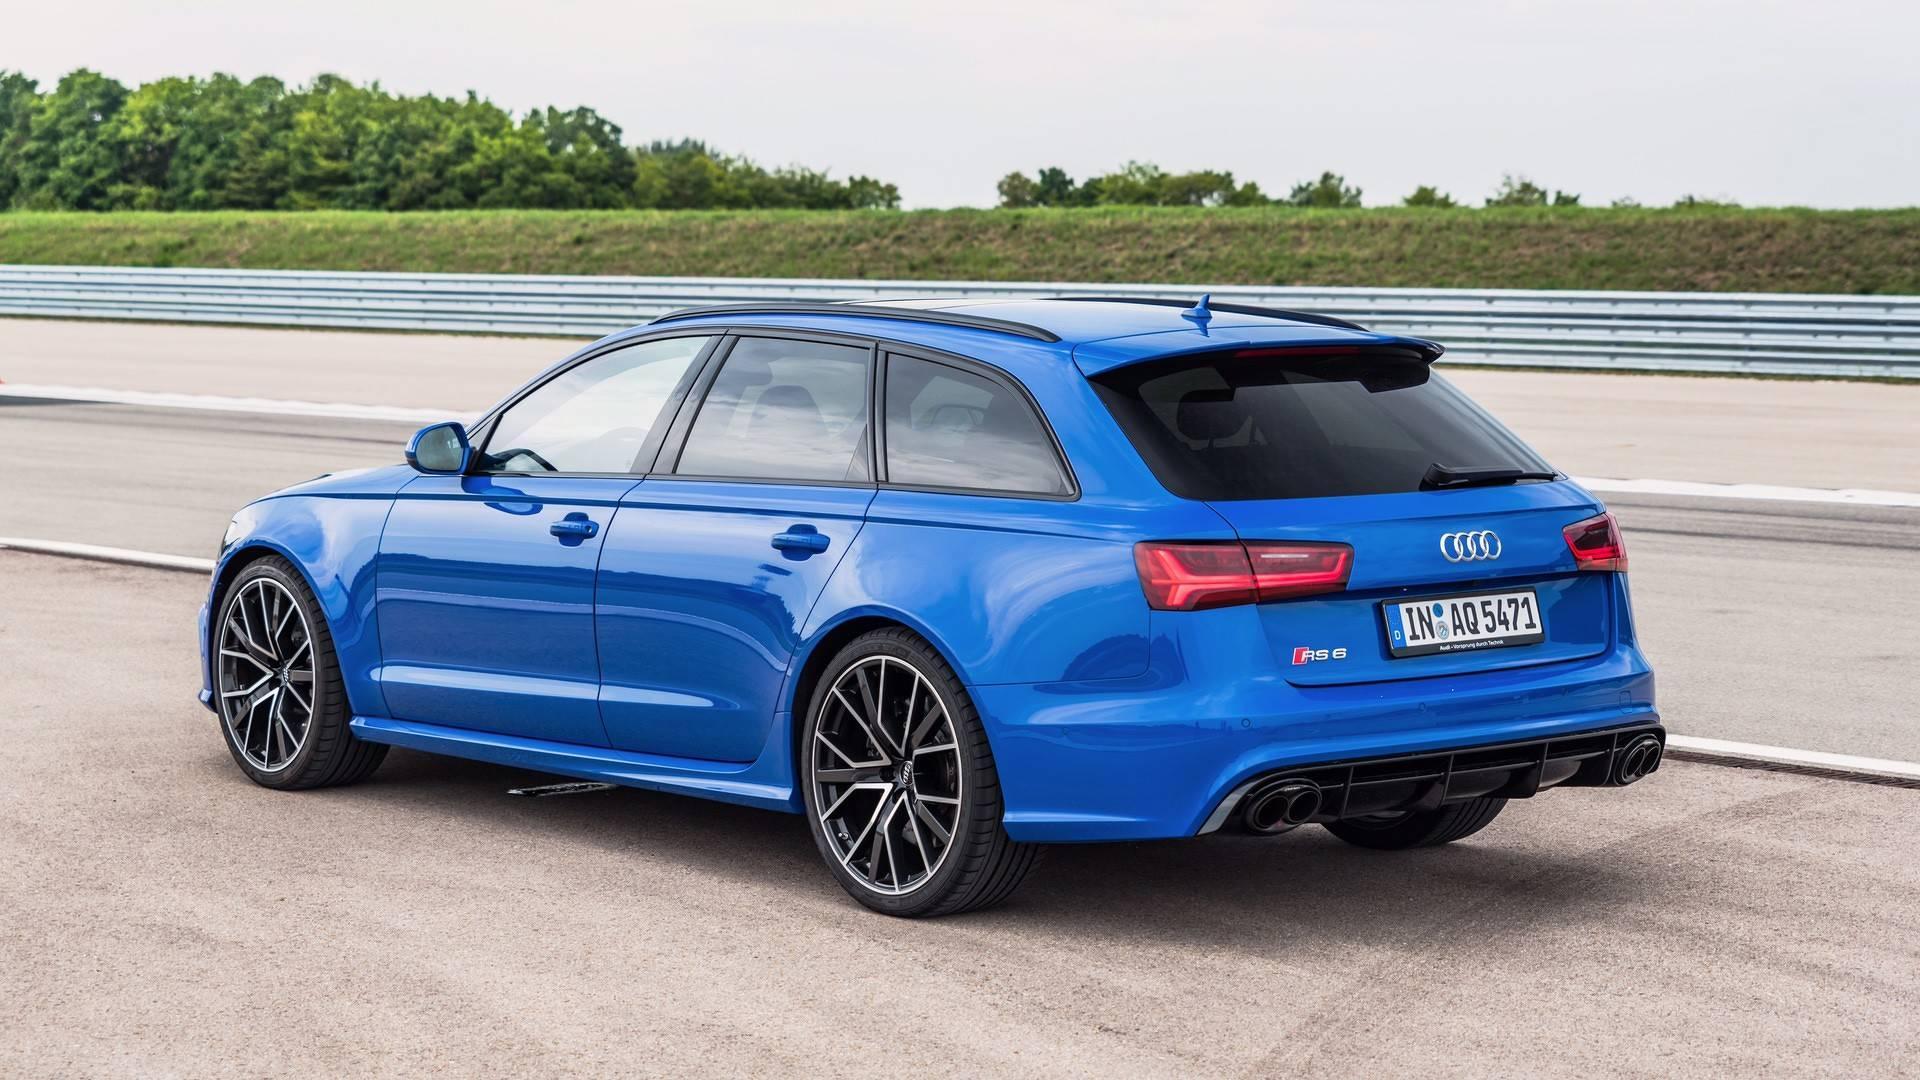 Kelebihan Kekurangan Audi Rs6 Avant Performance Review